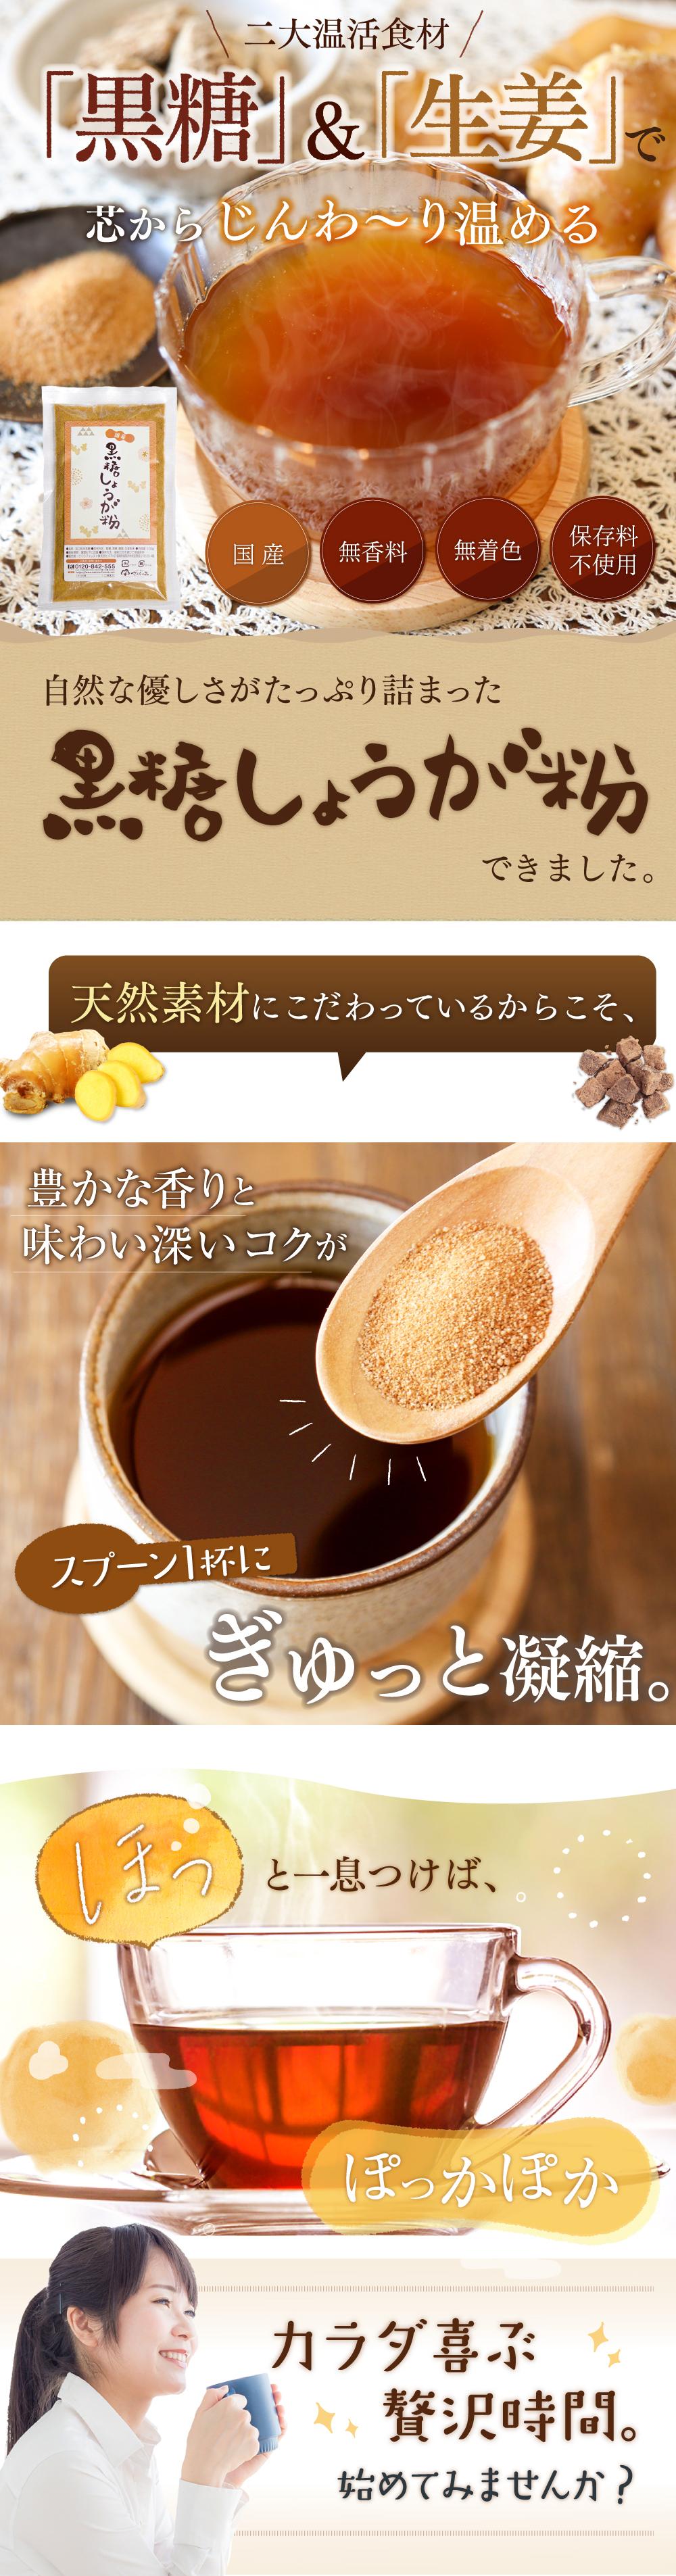 自然な優しさがたっぷり詰まった黒糖しょうが粉ができました。